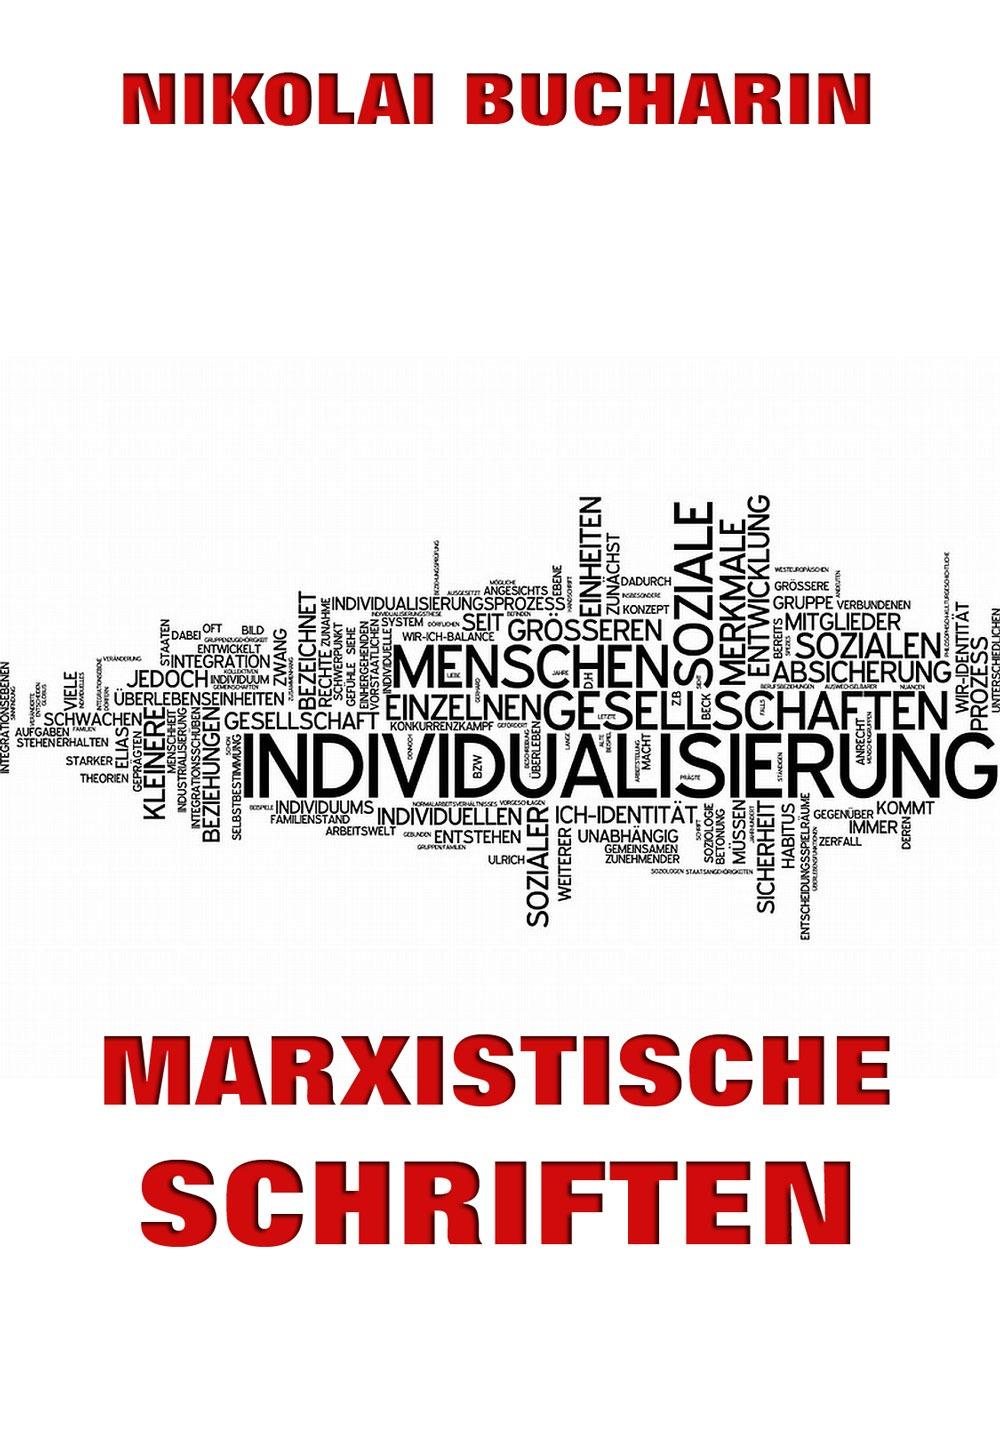 Nikolai Bucharin Marxistische Schriften sean mcginley marxistische positionen zum 2 weltkrieg